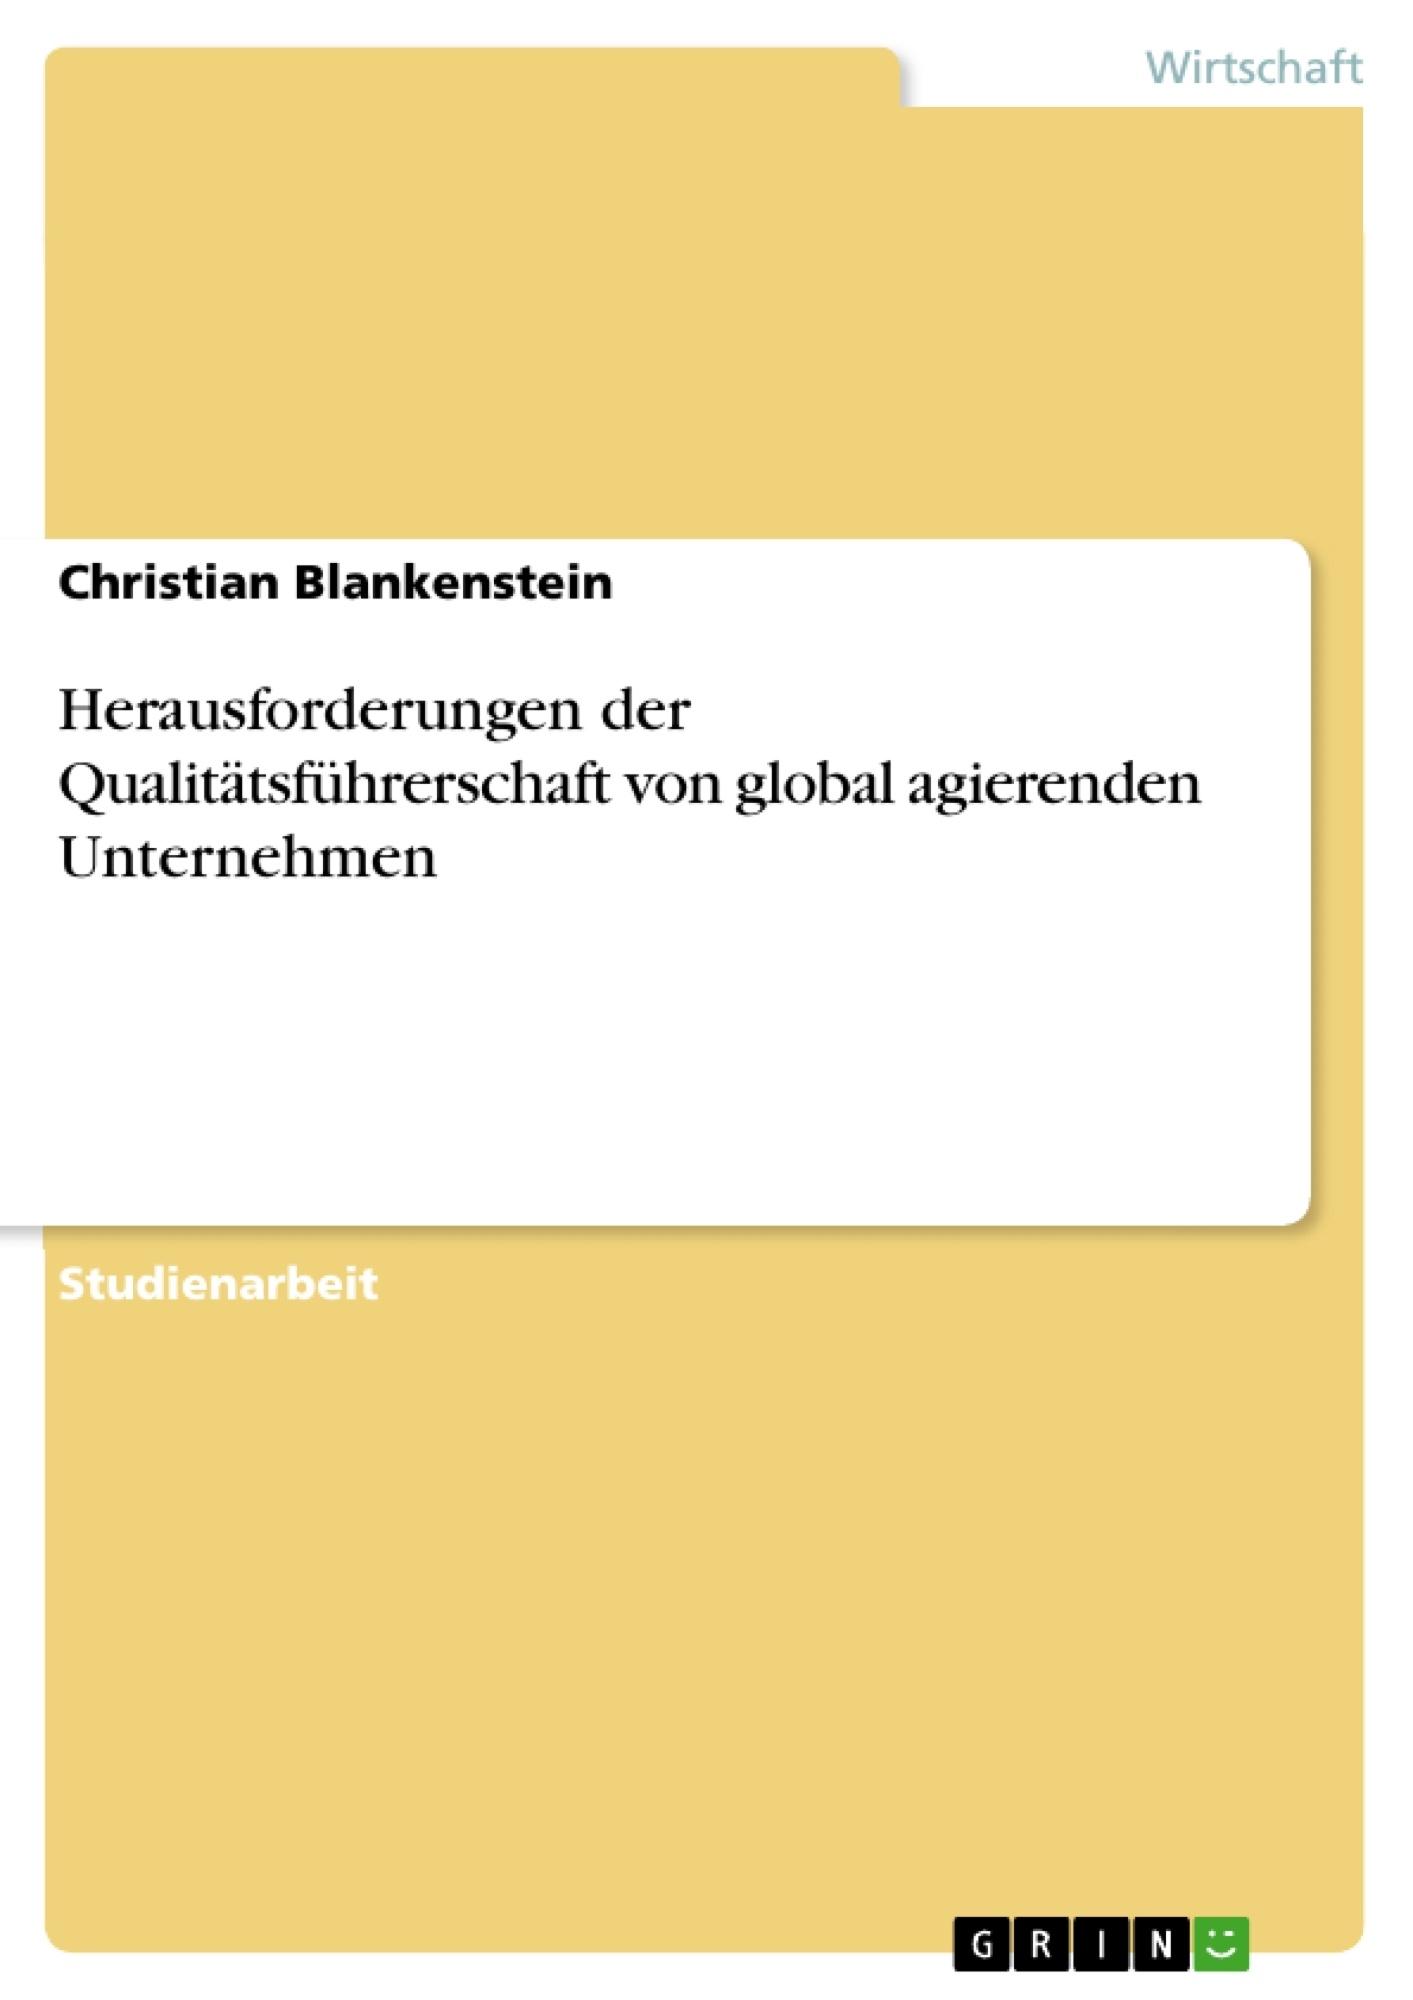 Titel: Herausforderungen der Qualitätsführerschaft von global agierenden Unternehmen